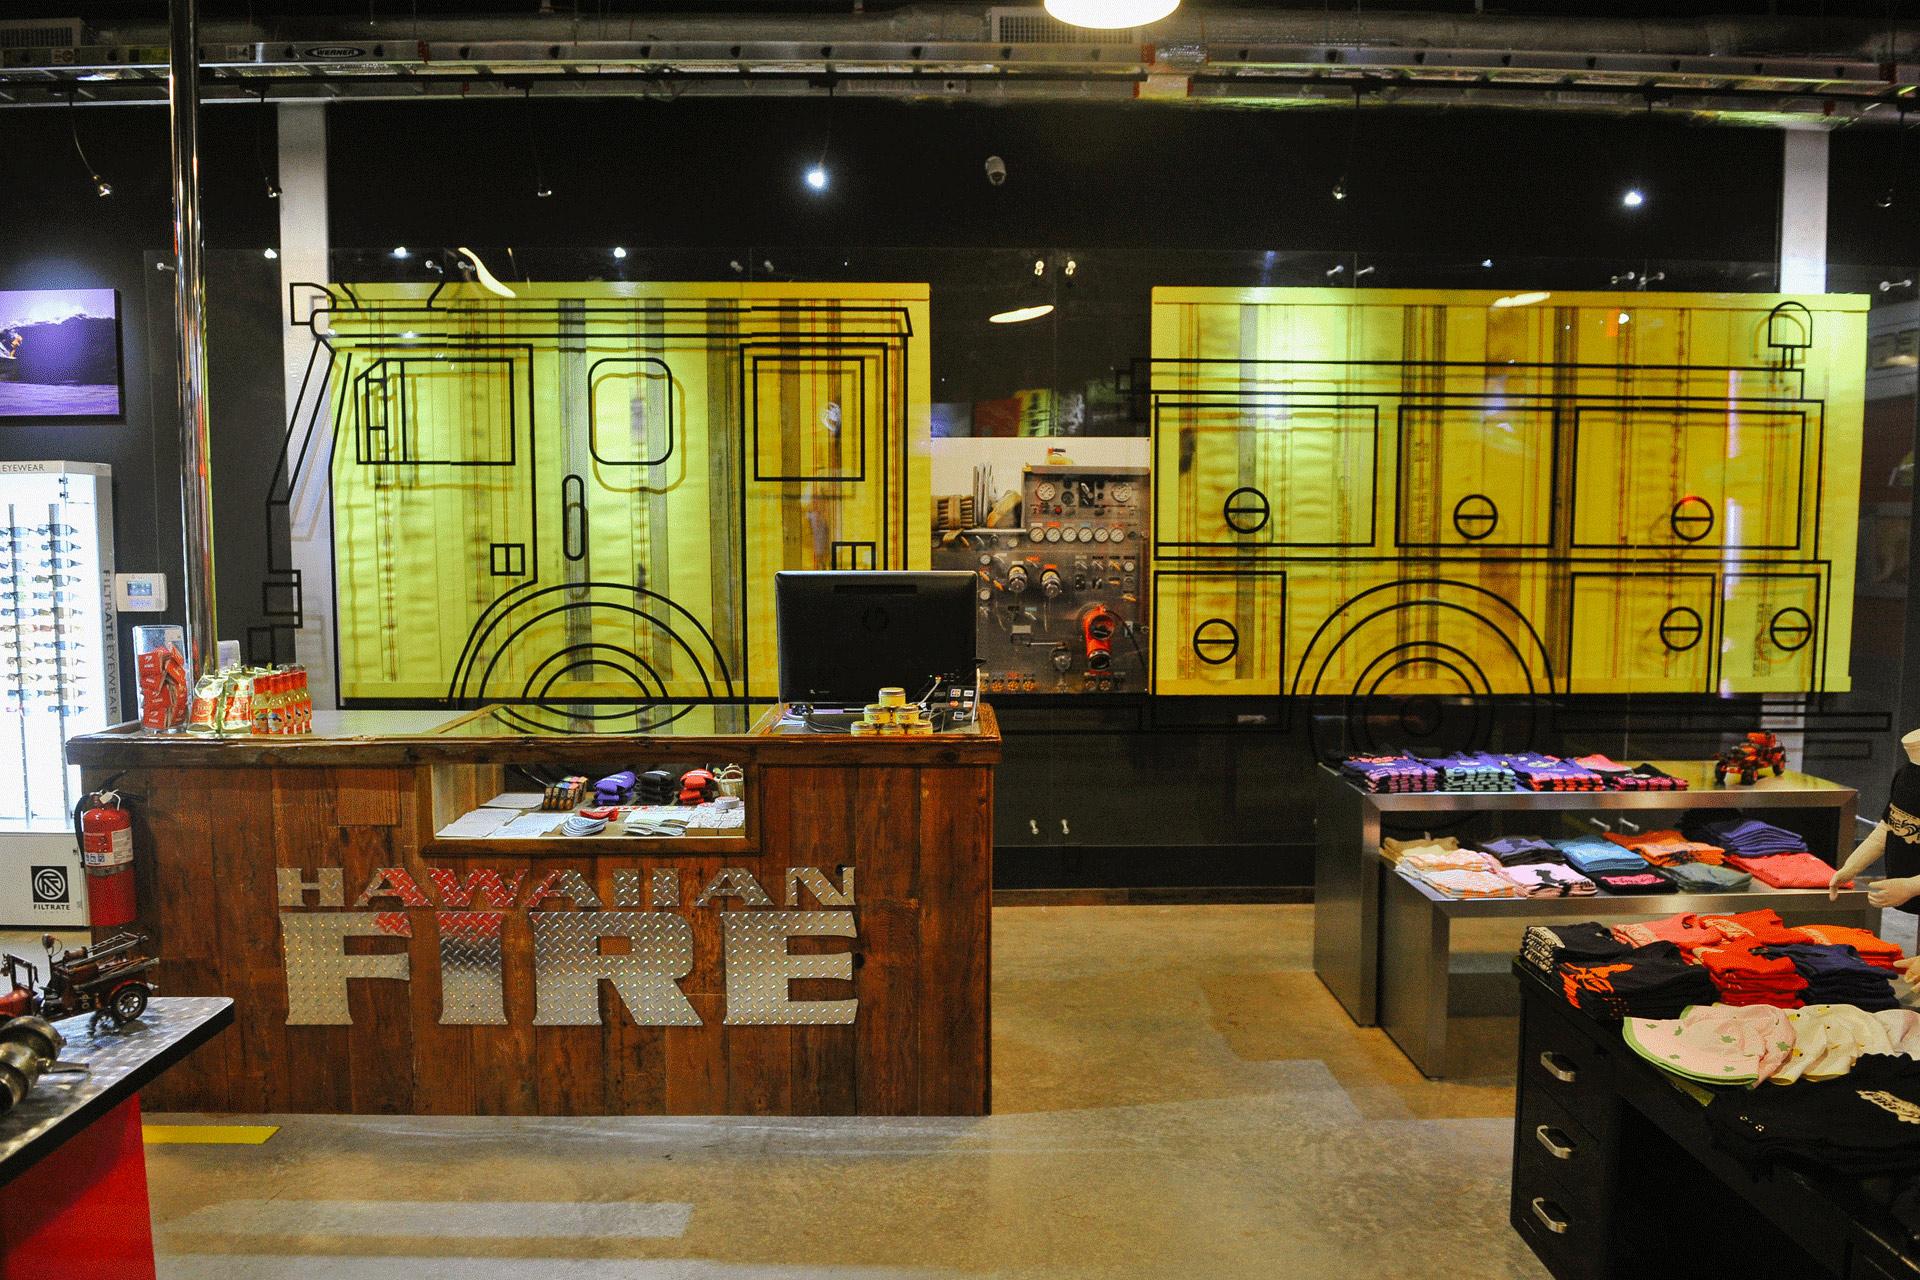 hifire22